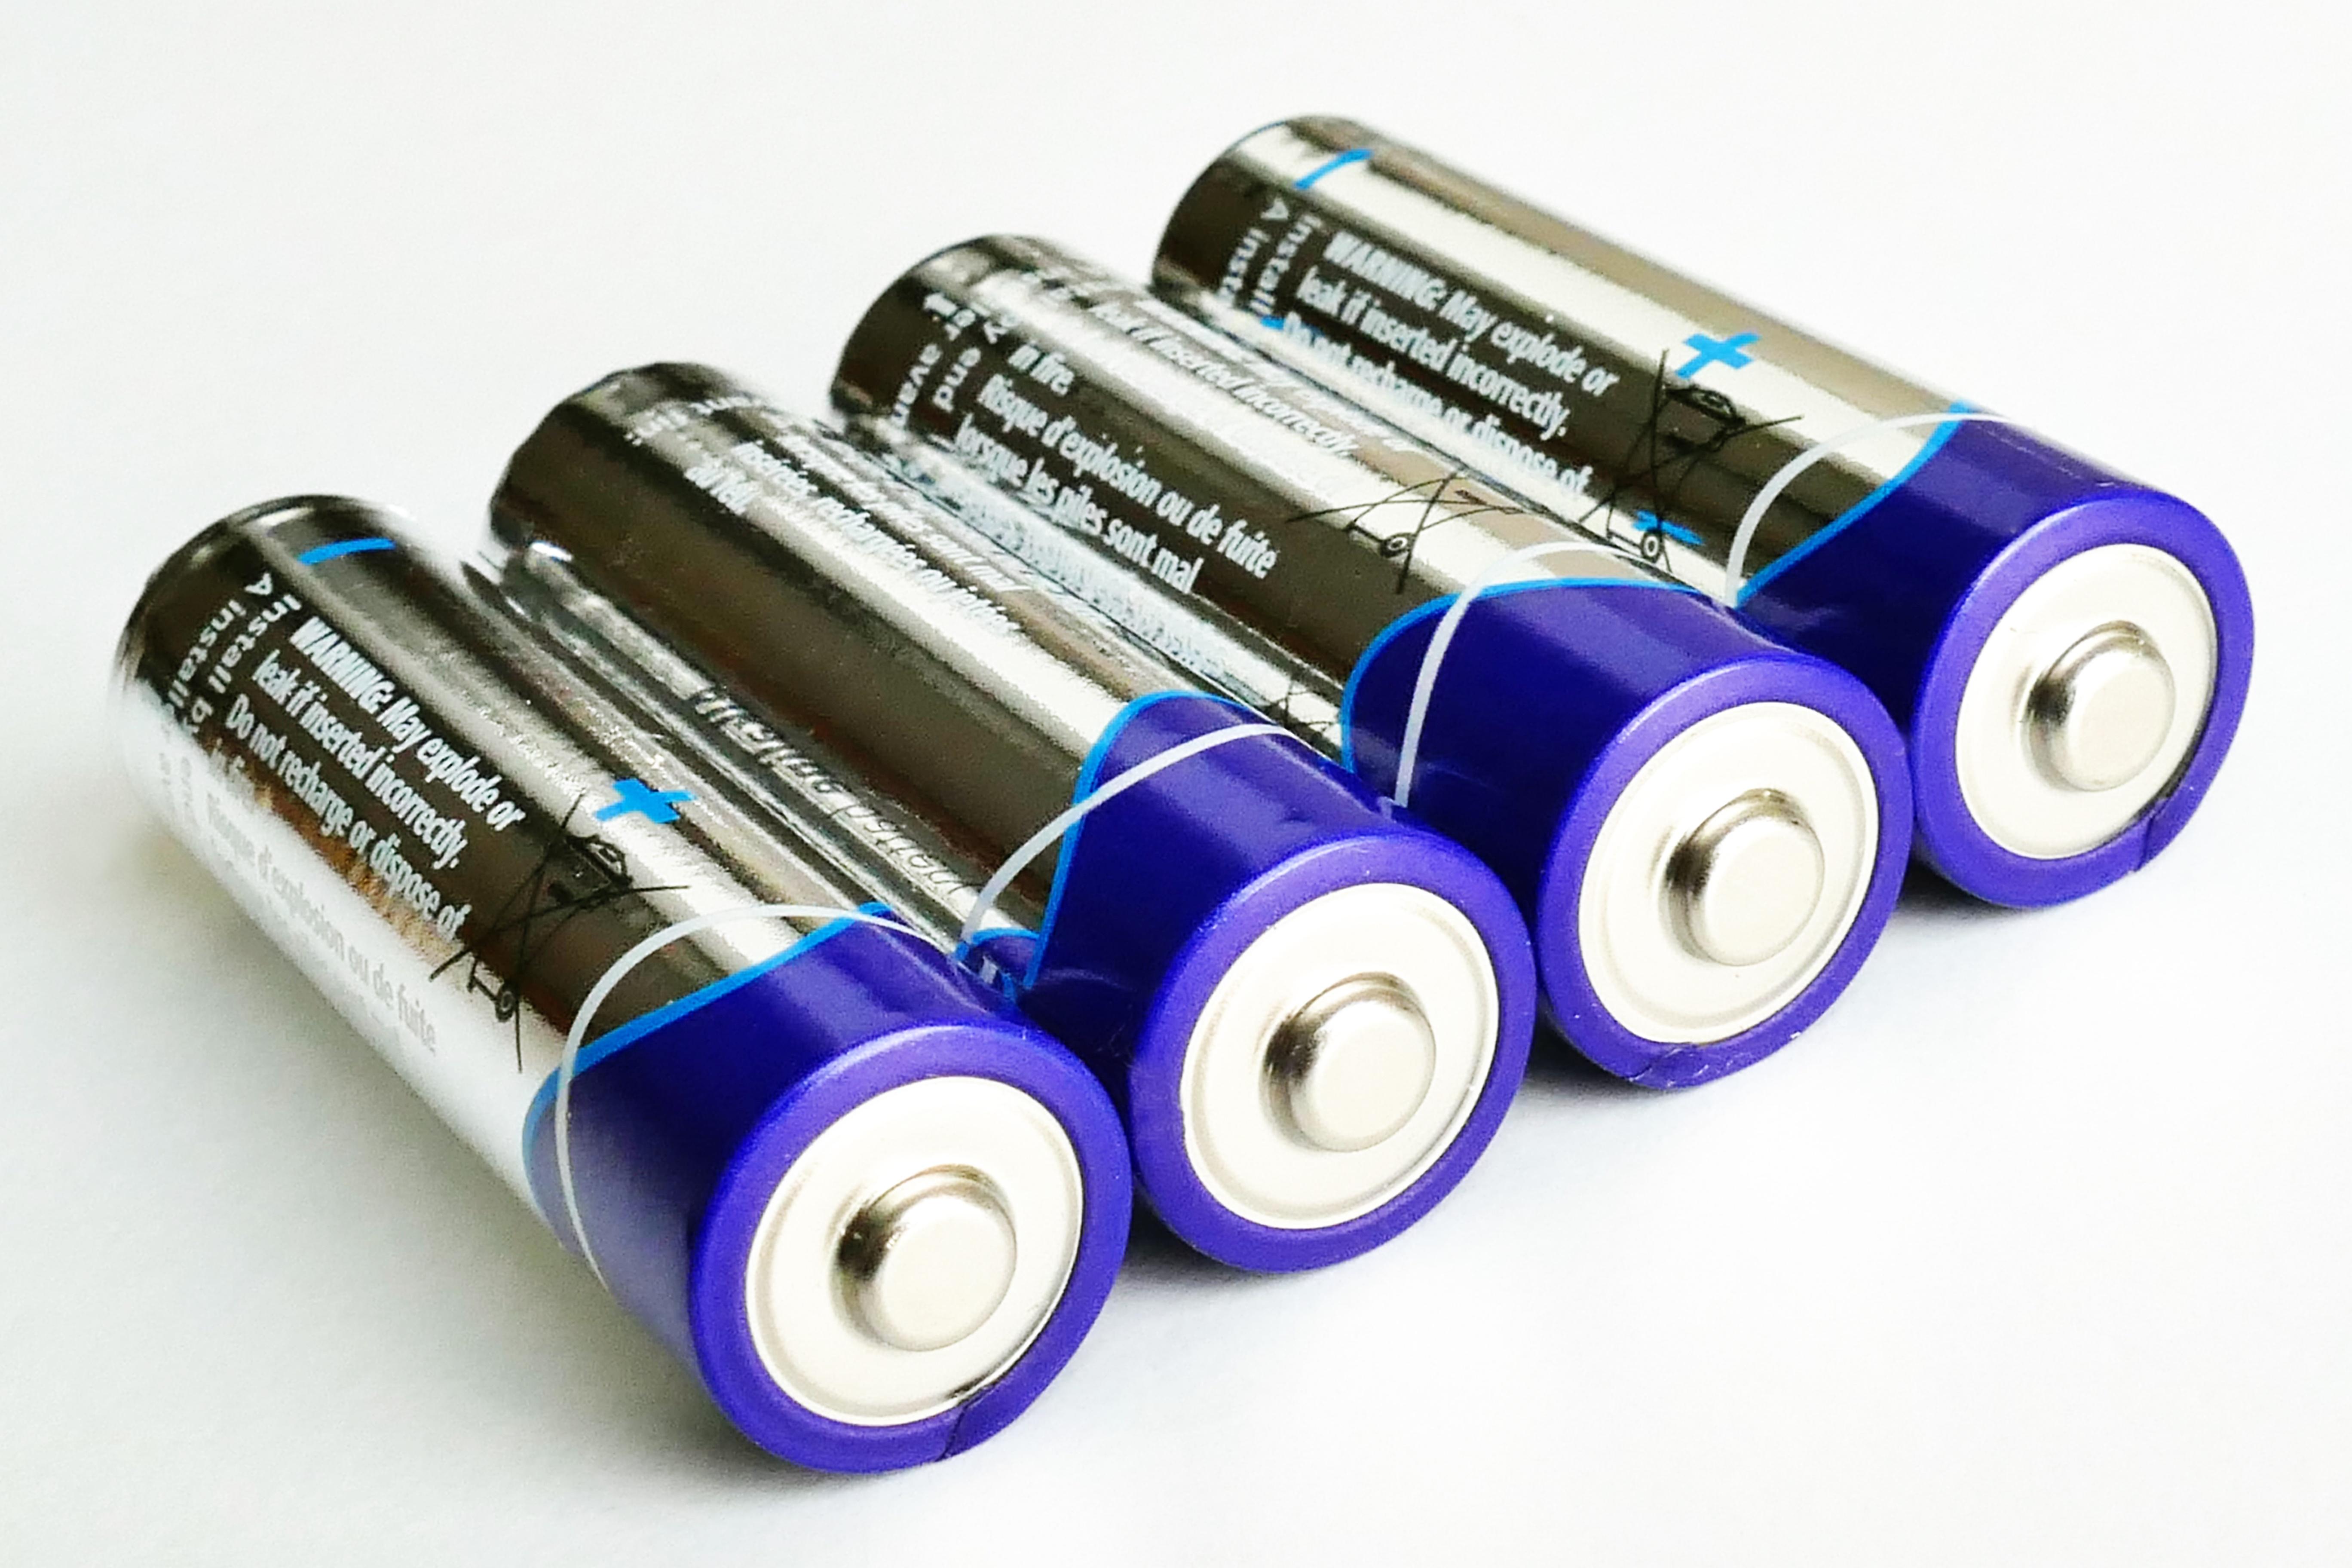 Reciclaje de pilas para evitar la contaminación y efectos sobre nuestra salud